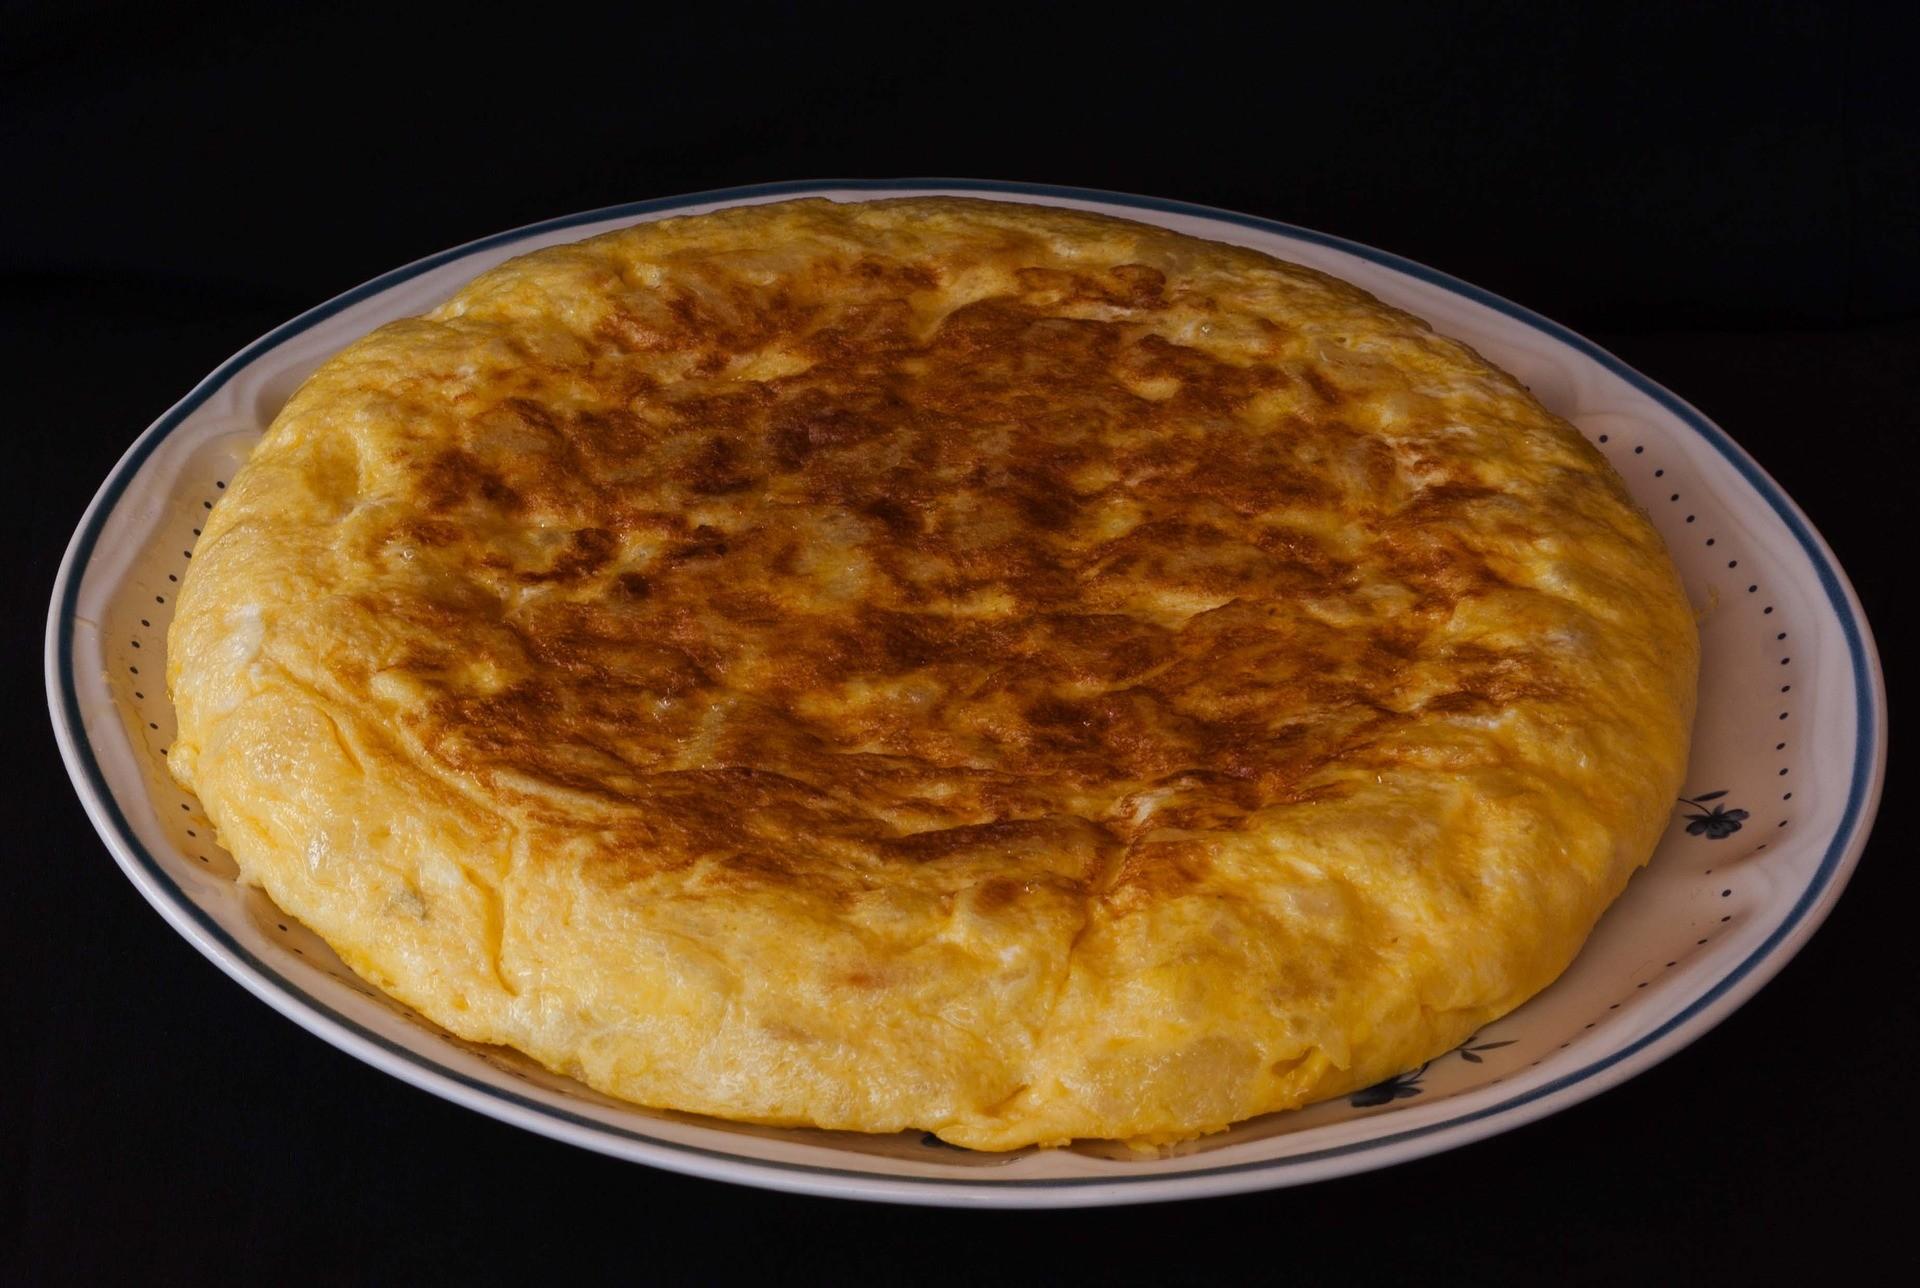 gastronomia-andalusa-e-le-sue-versioni-vegane-add27369026716c8d0e65b5b3d7365d8.jpg